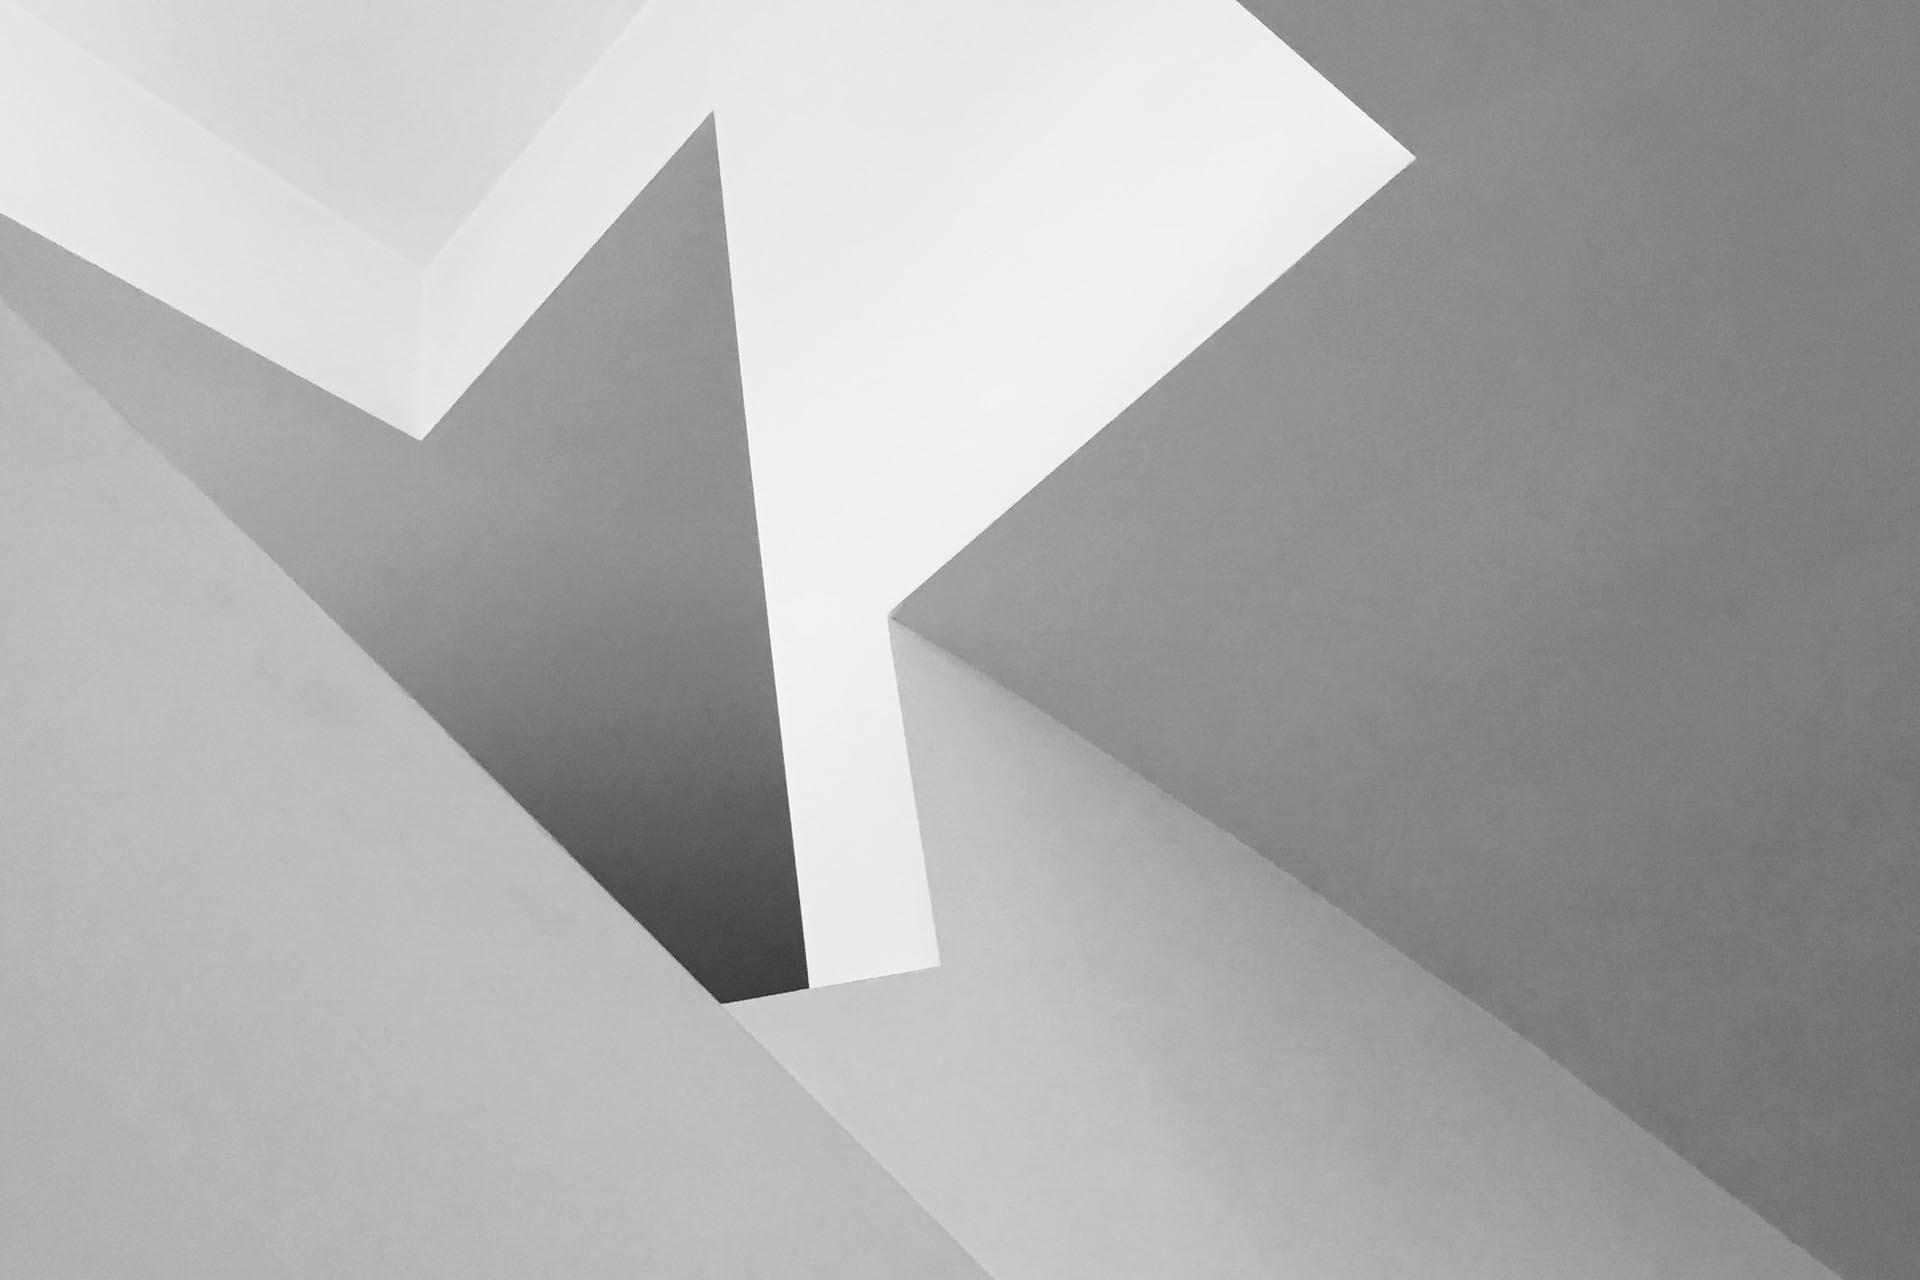 konsultera-din-arbetsgivare-konsultbolag